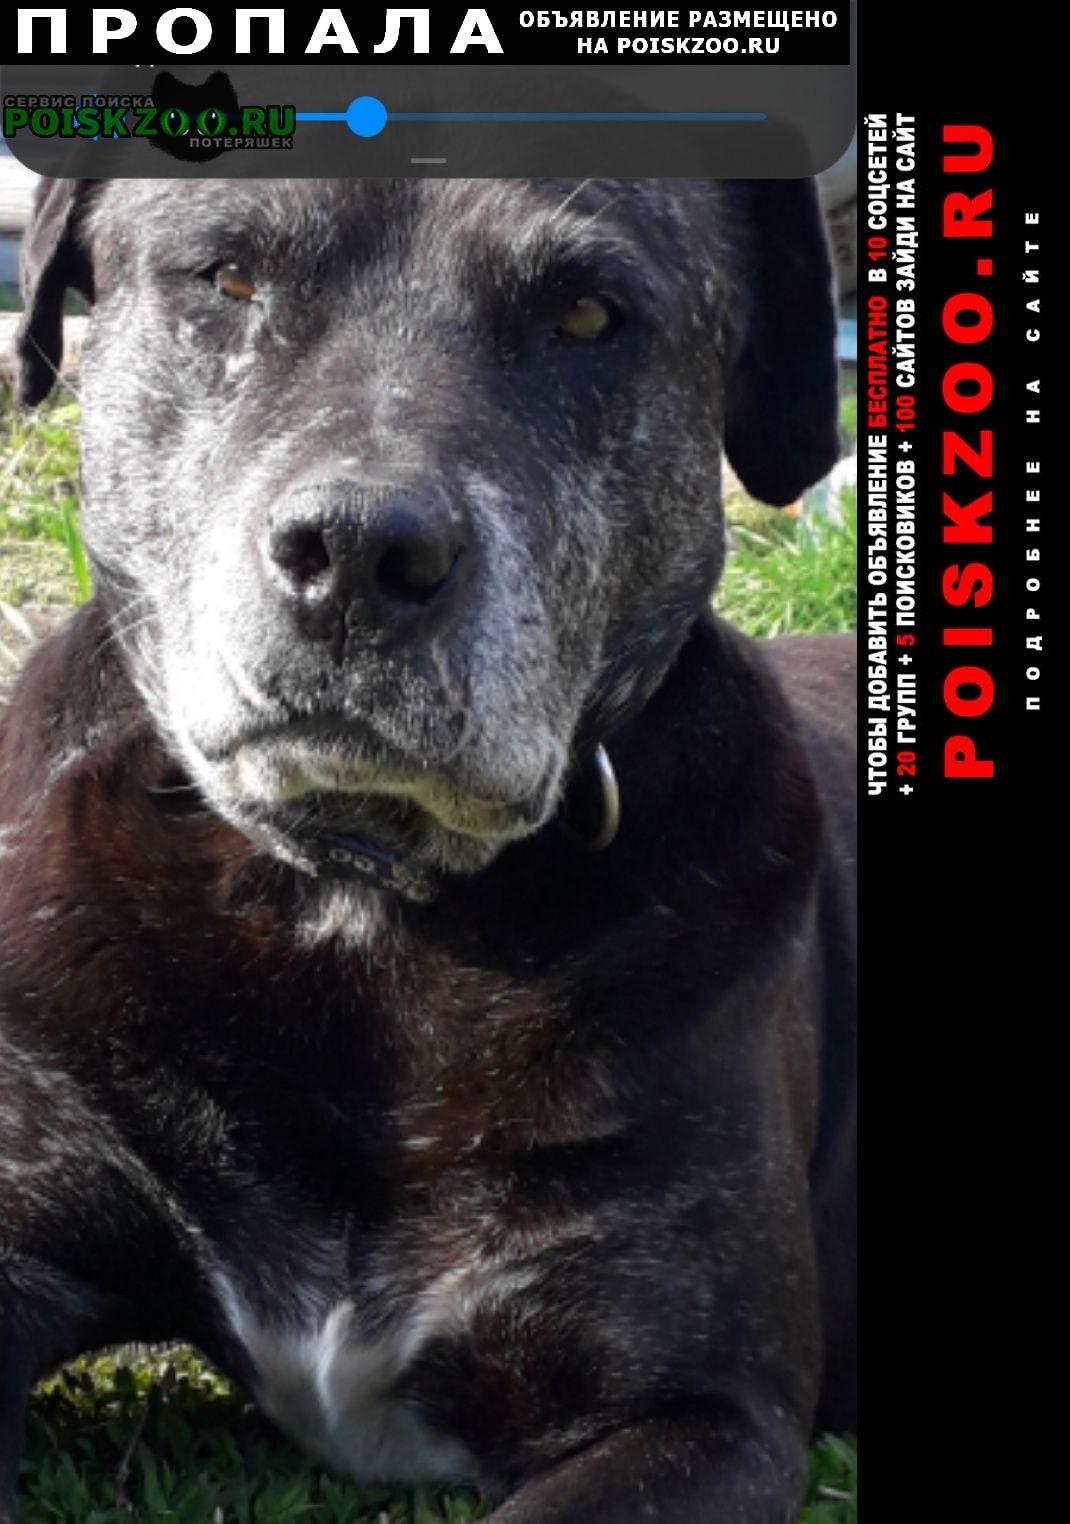 Пропала собака кобель Усолье-Сибирское (Иркутская обл.)